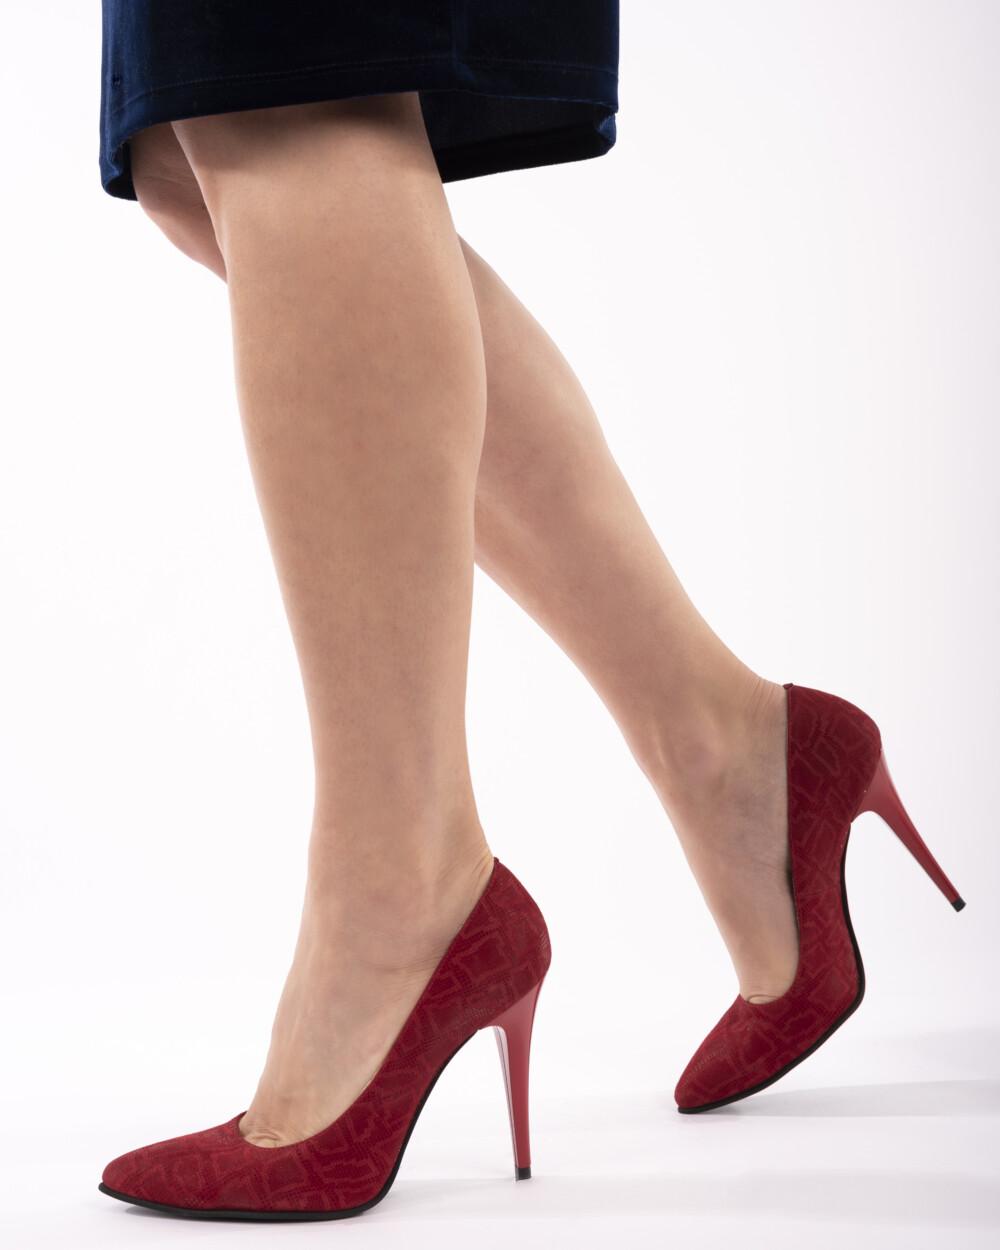 pantofi rosii stiletto din piele naturală vreaupantofi.com